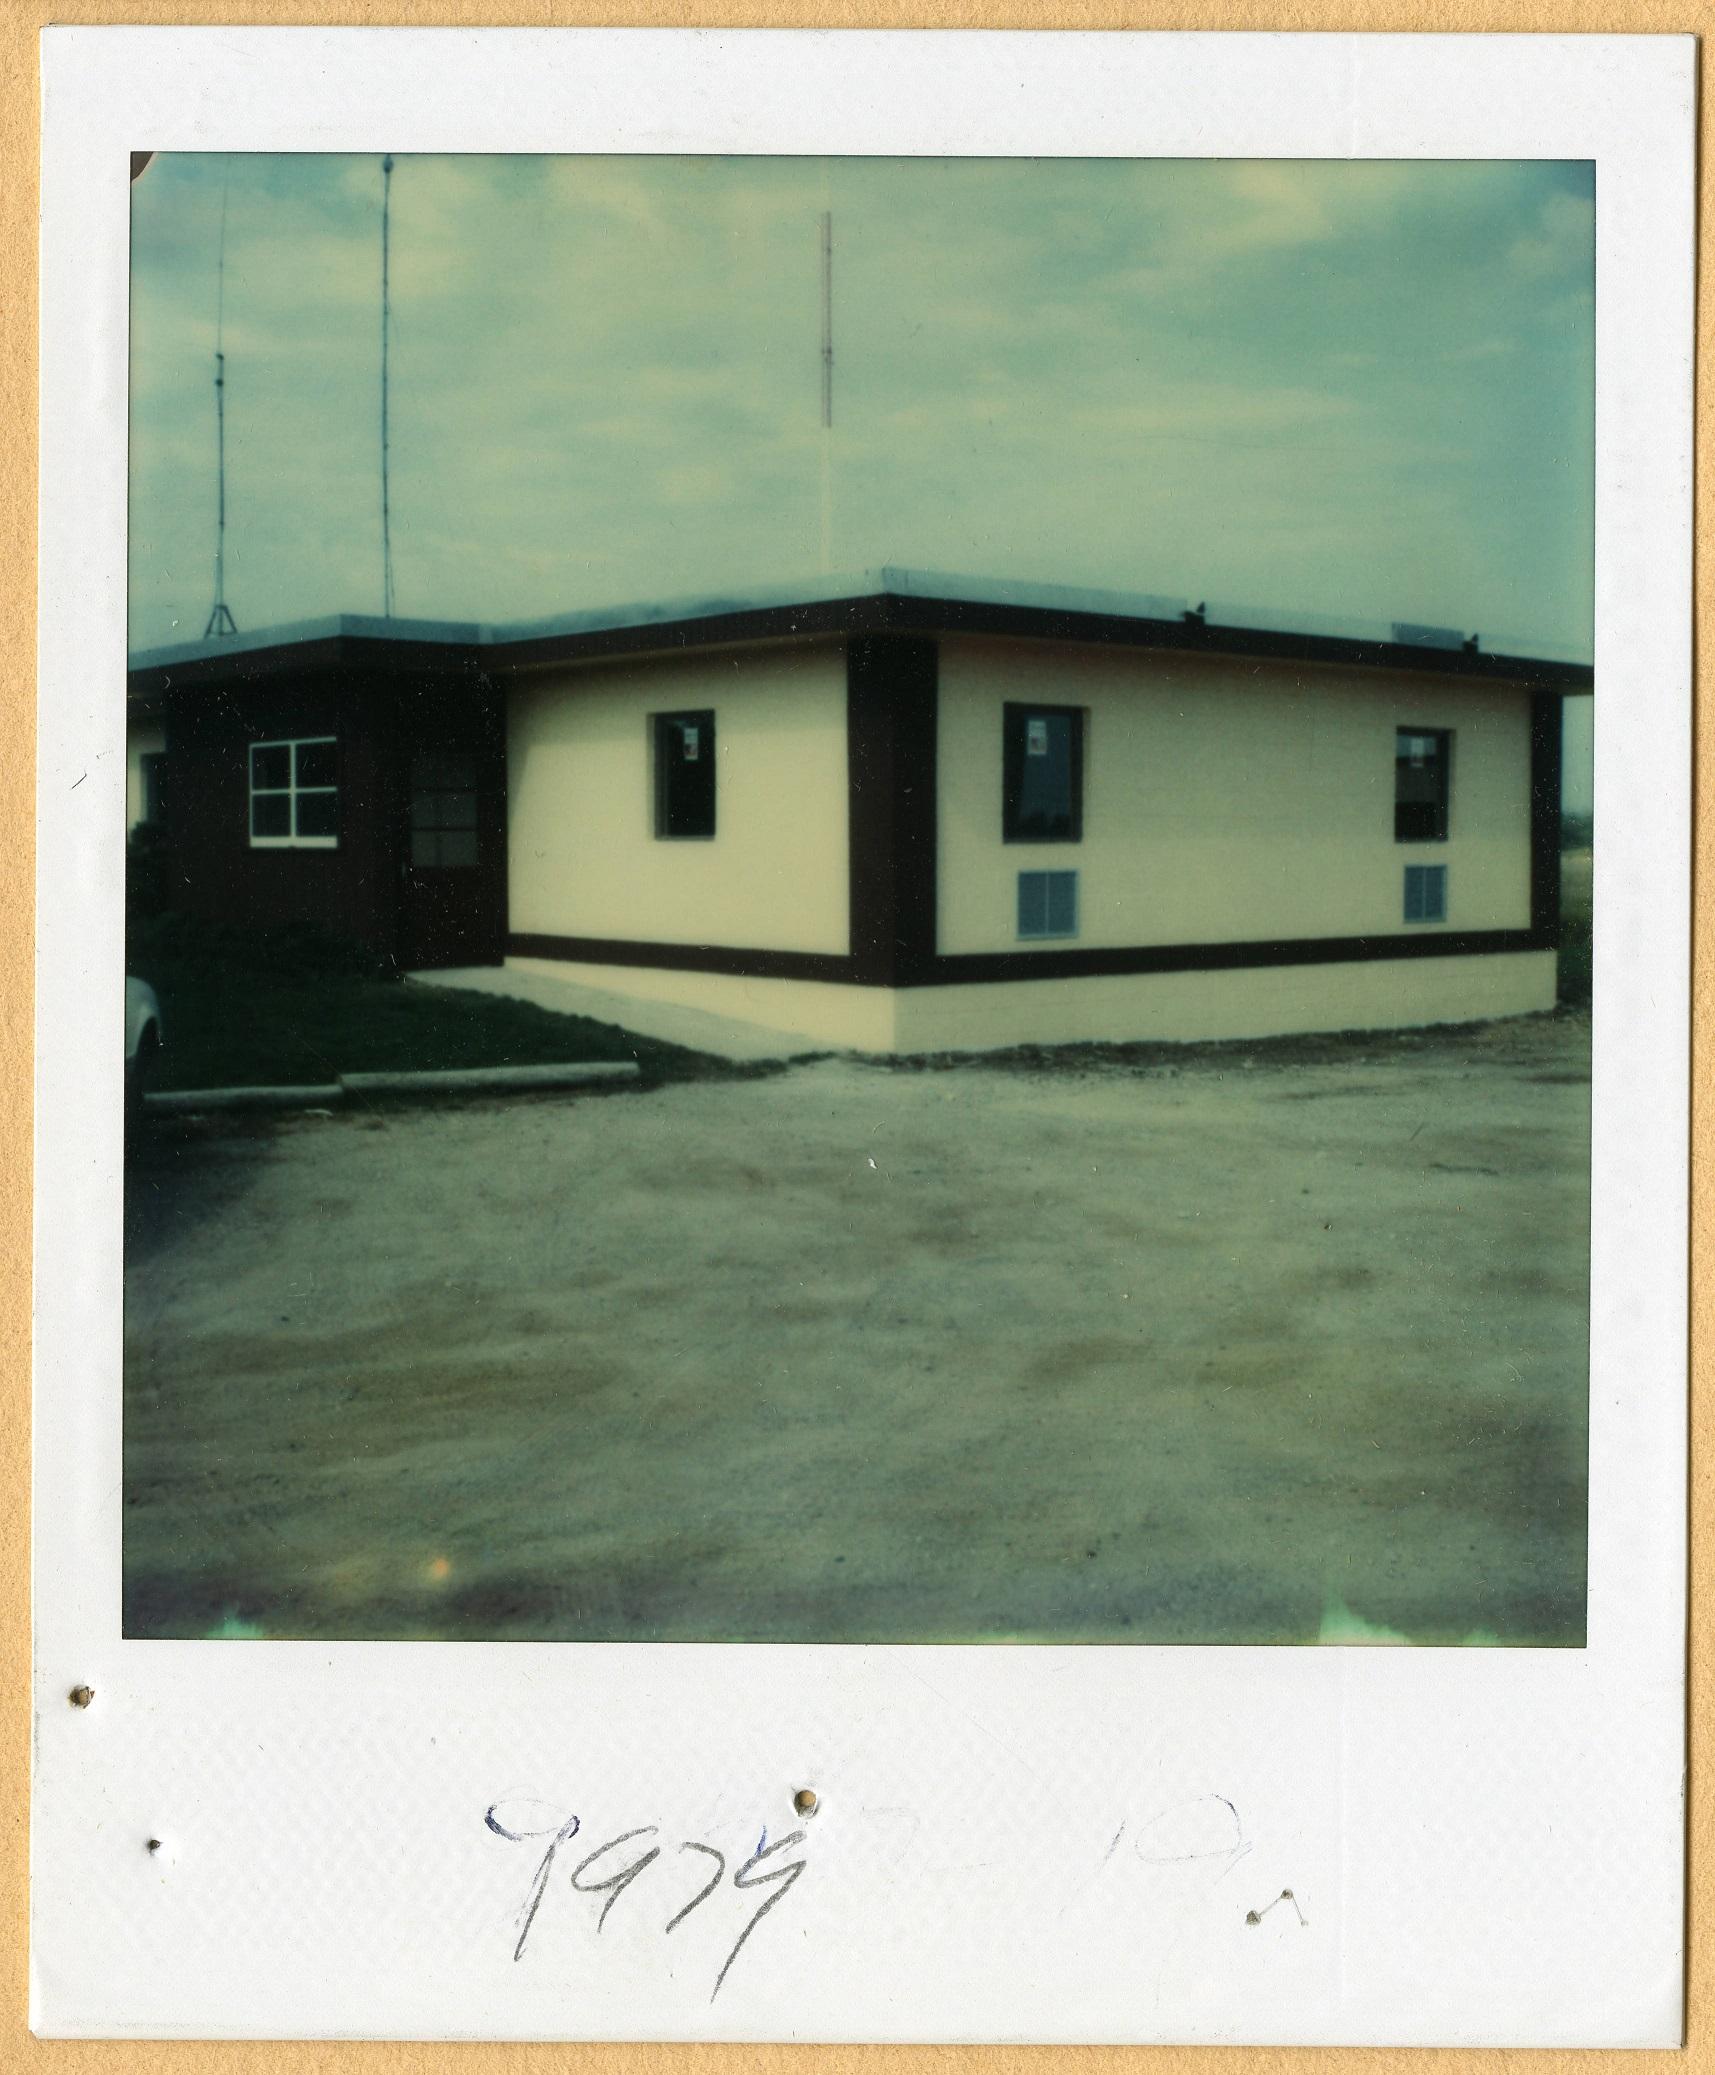 KYMN Radio building, 1979